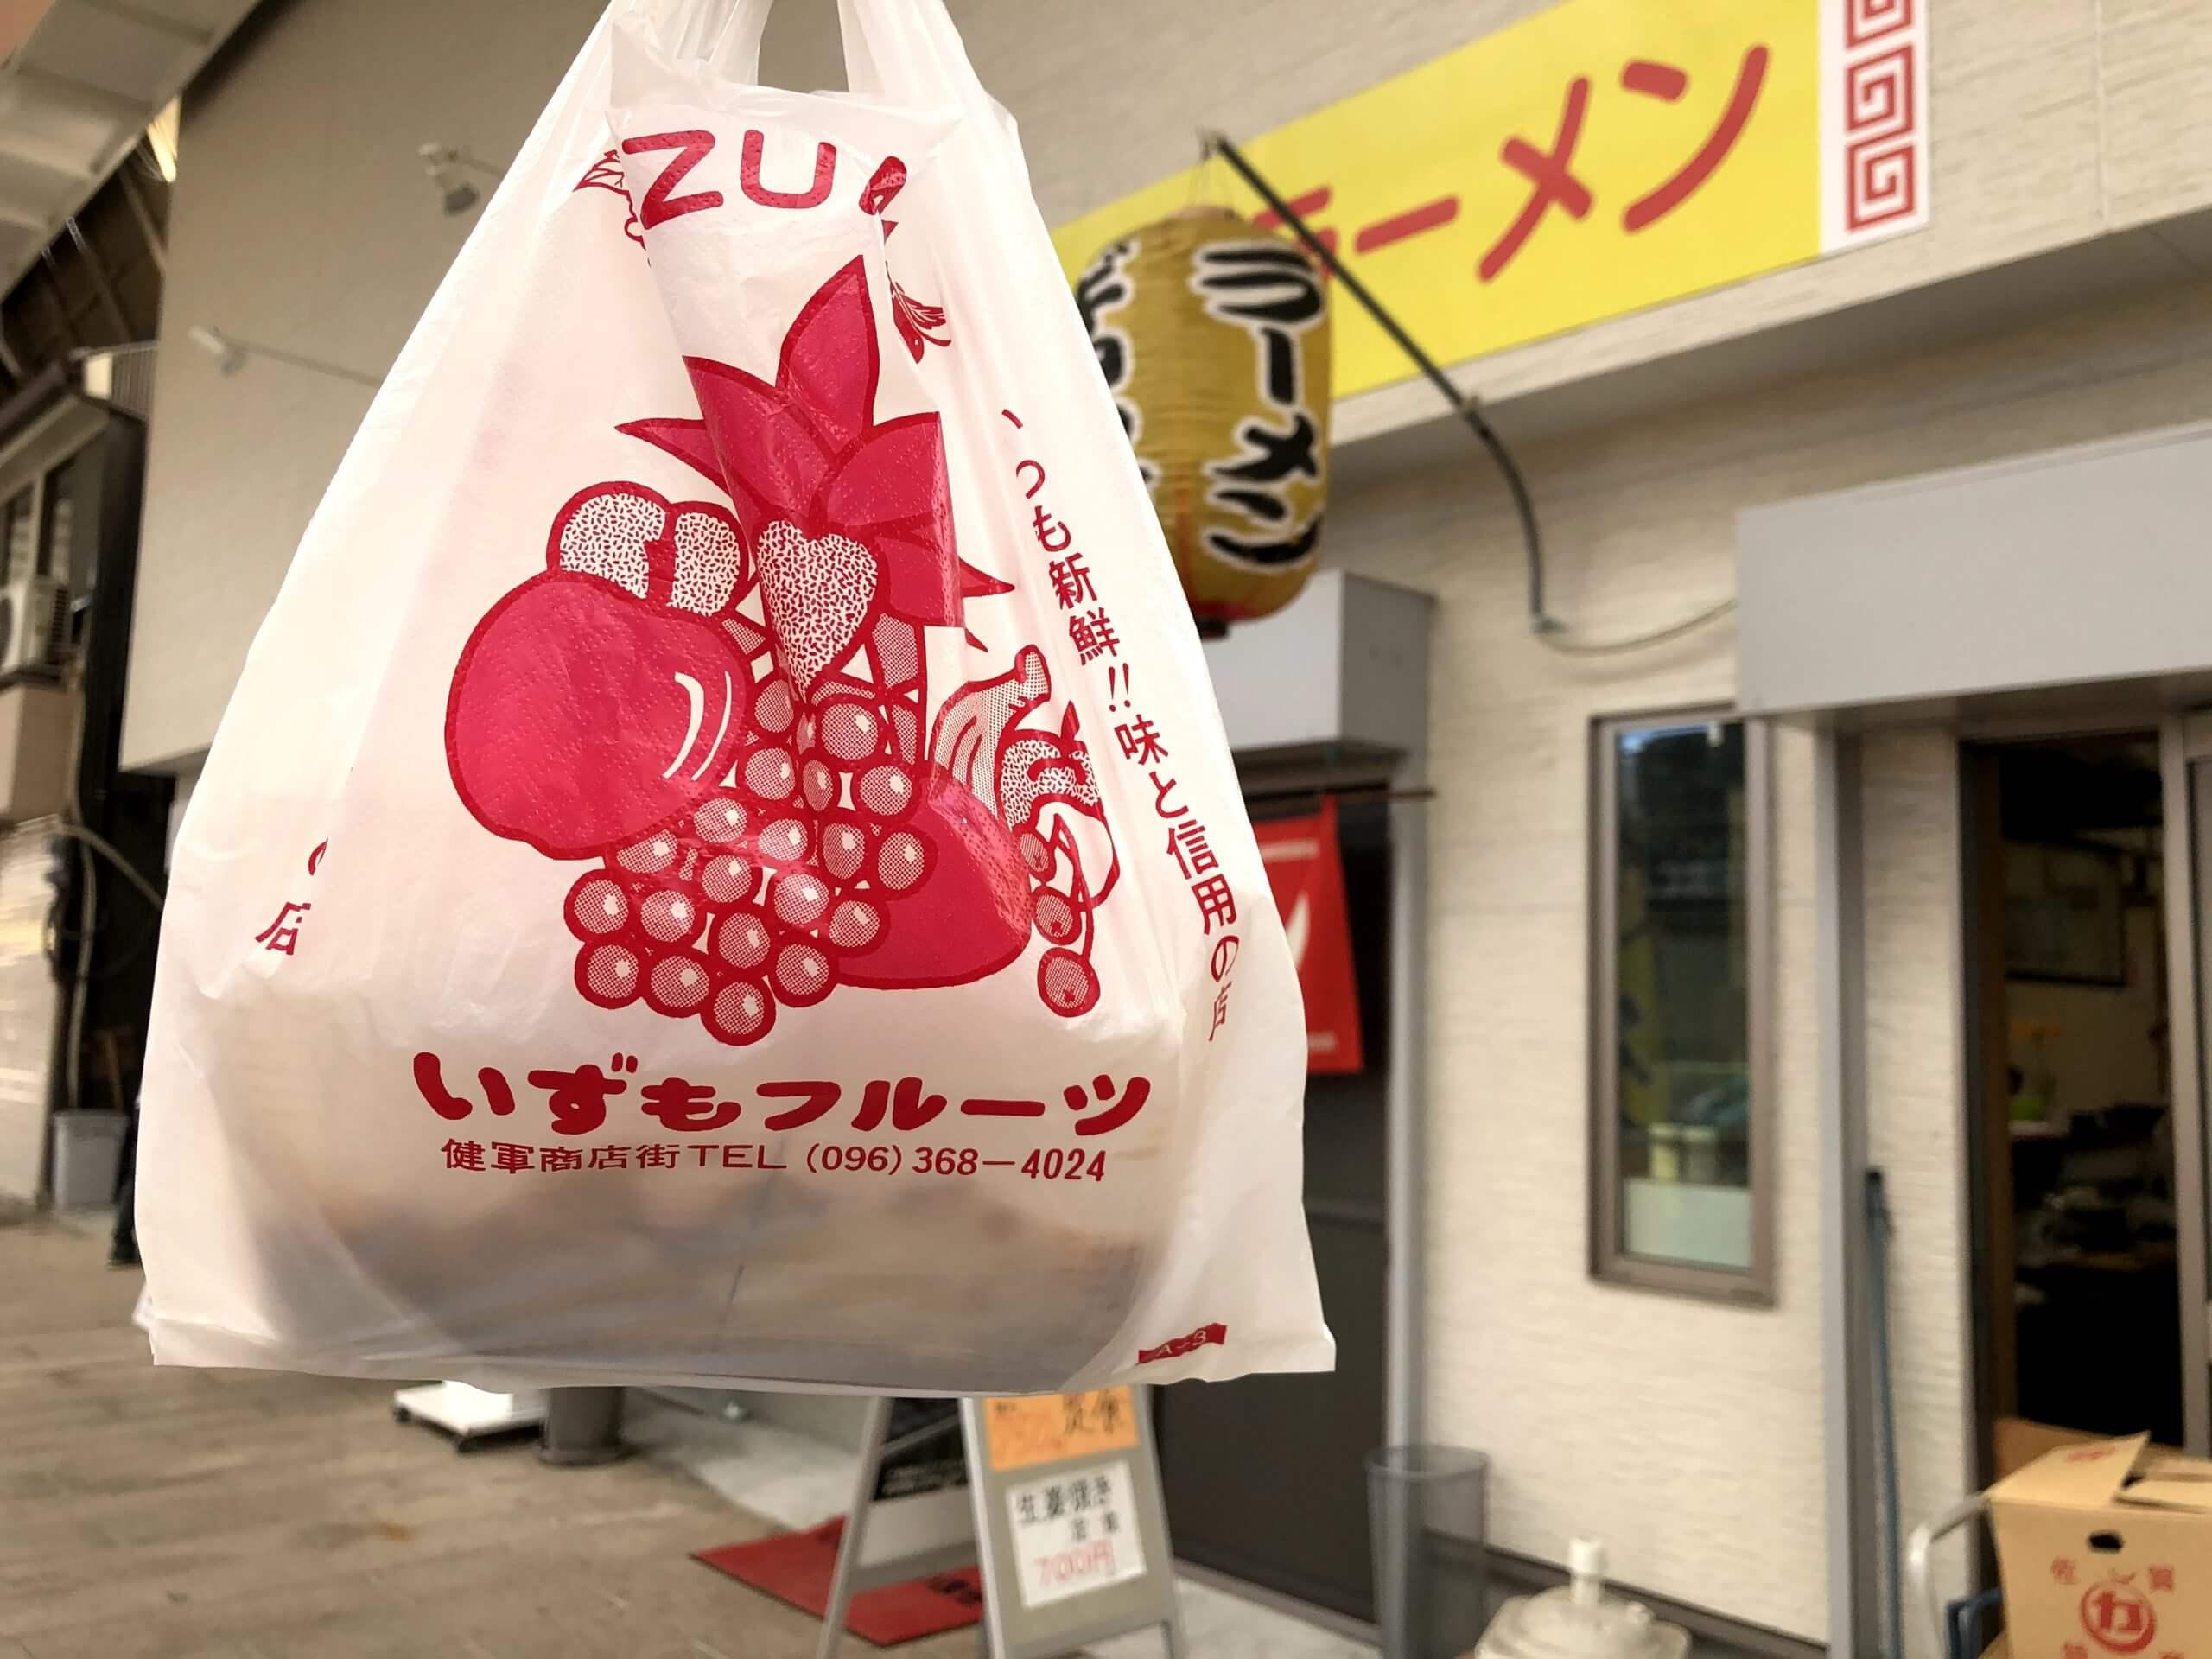 【いずもラーメン】ラーメン屋さんのテイクアウトできる親子丼がボリューム満点で美味しいに満たされます《熊本市東区若葉》